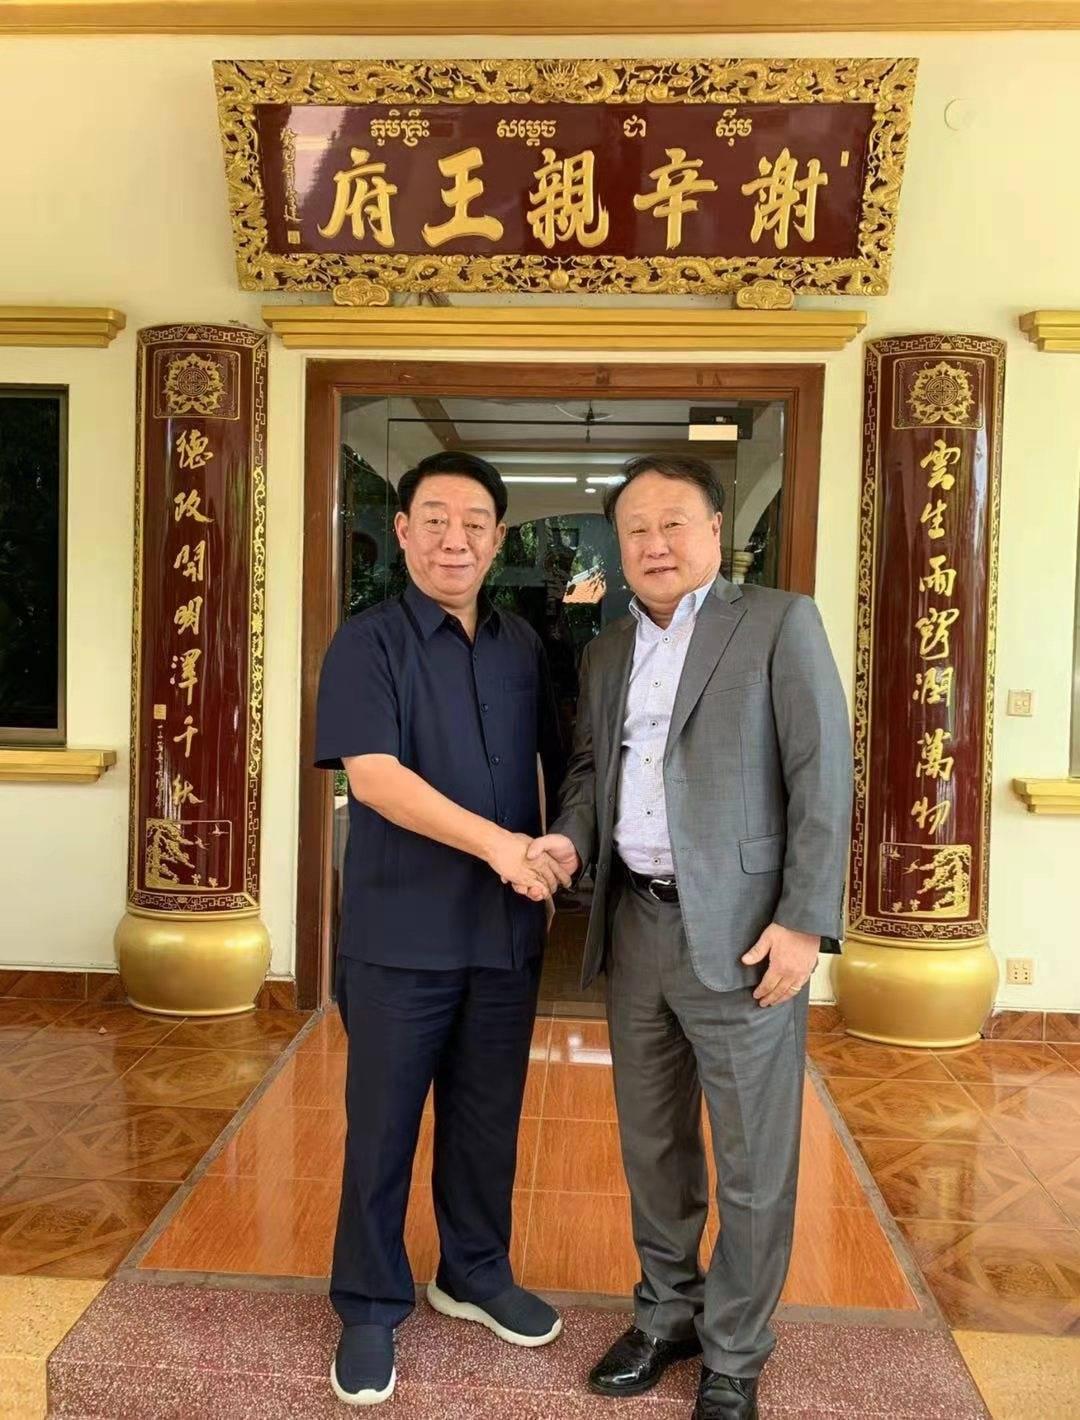 高棉控股公司和韩国企业签署合作协议,建立东盟生态工业园